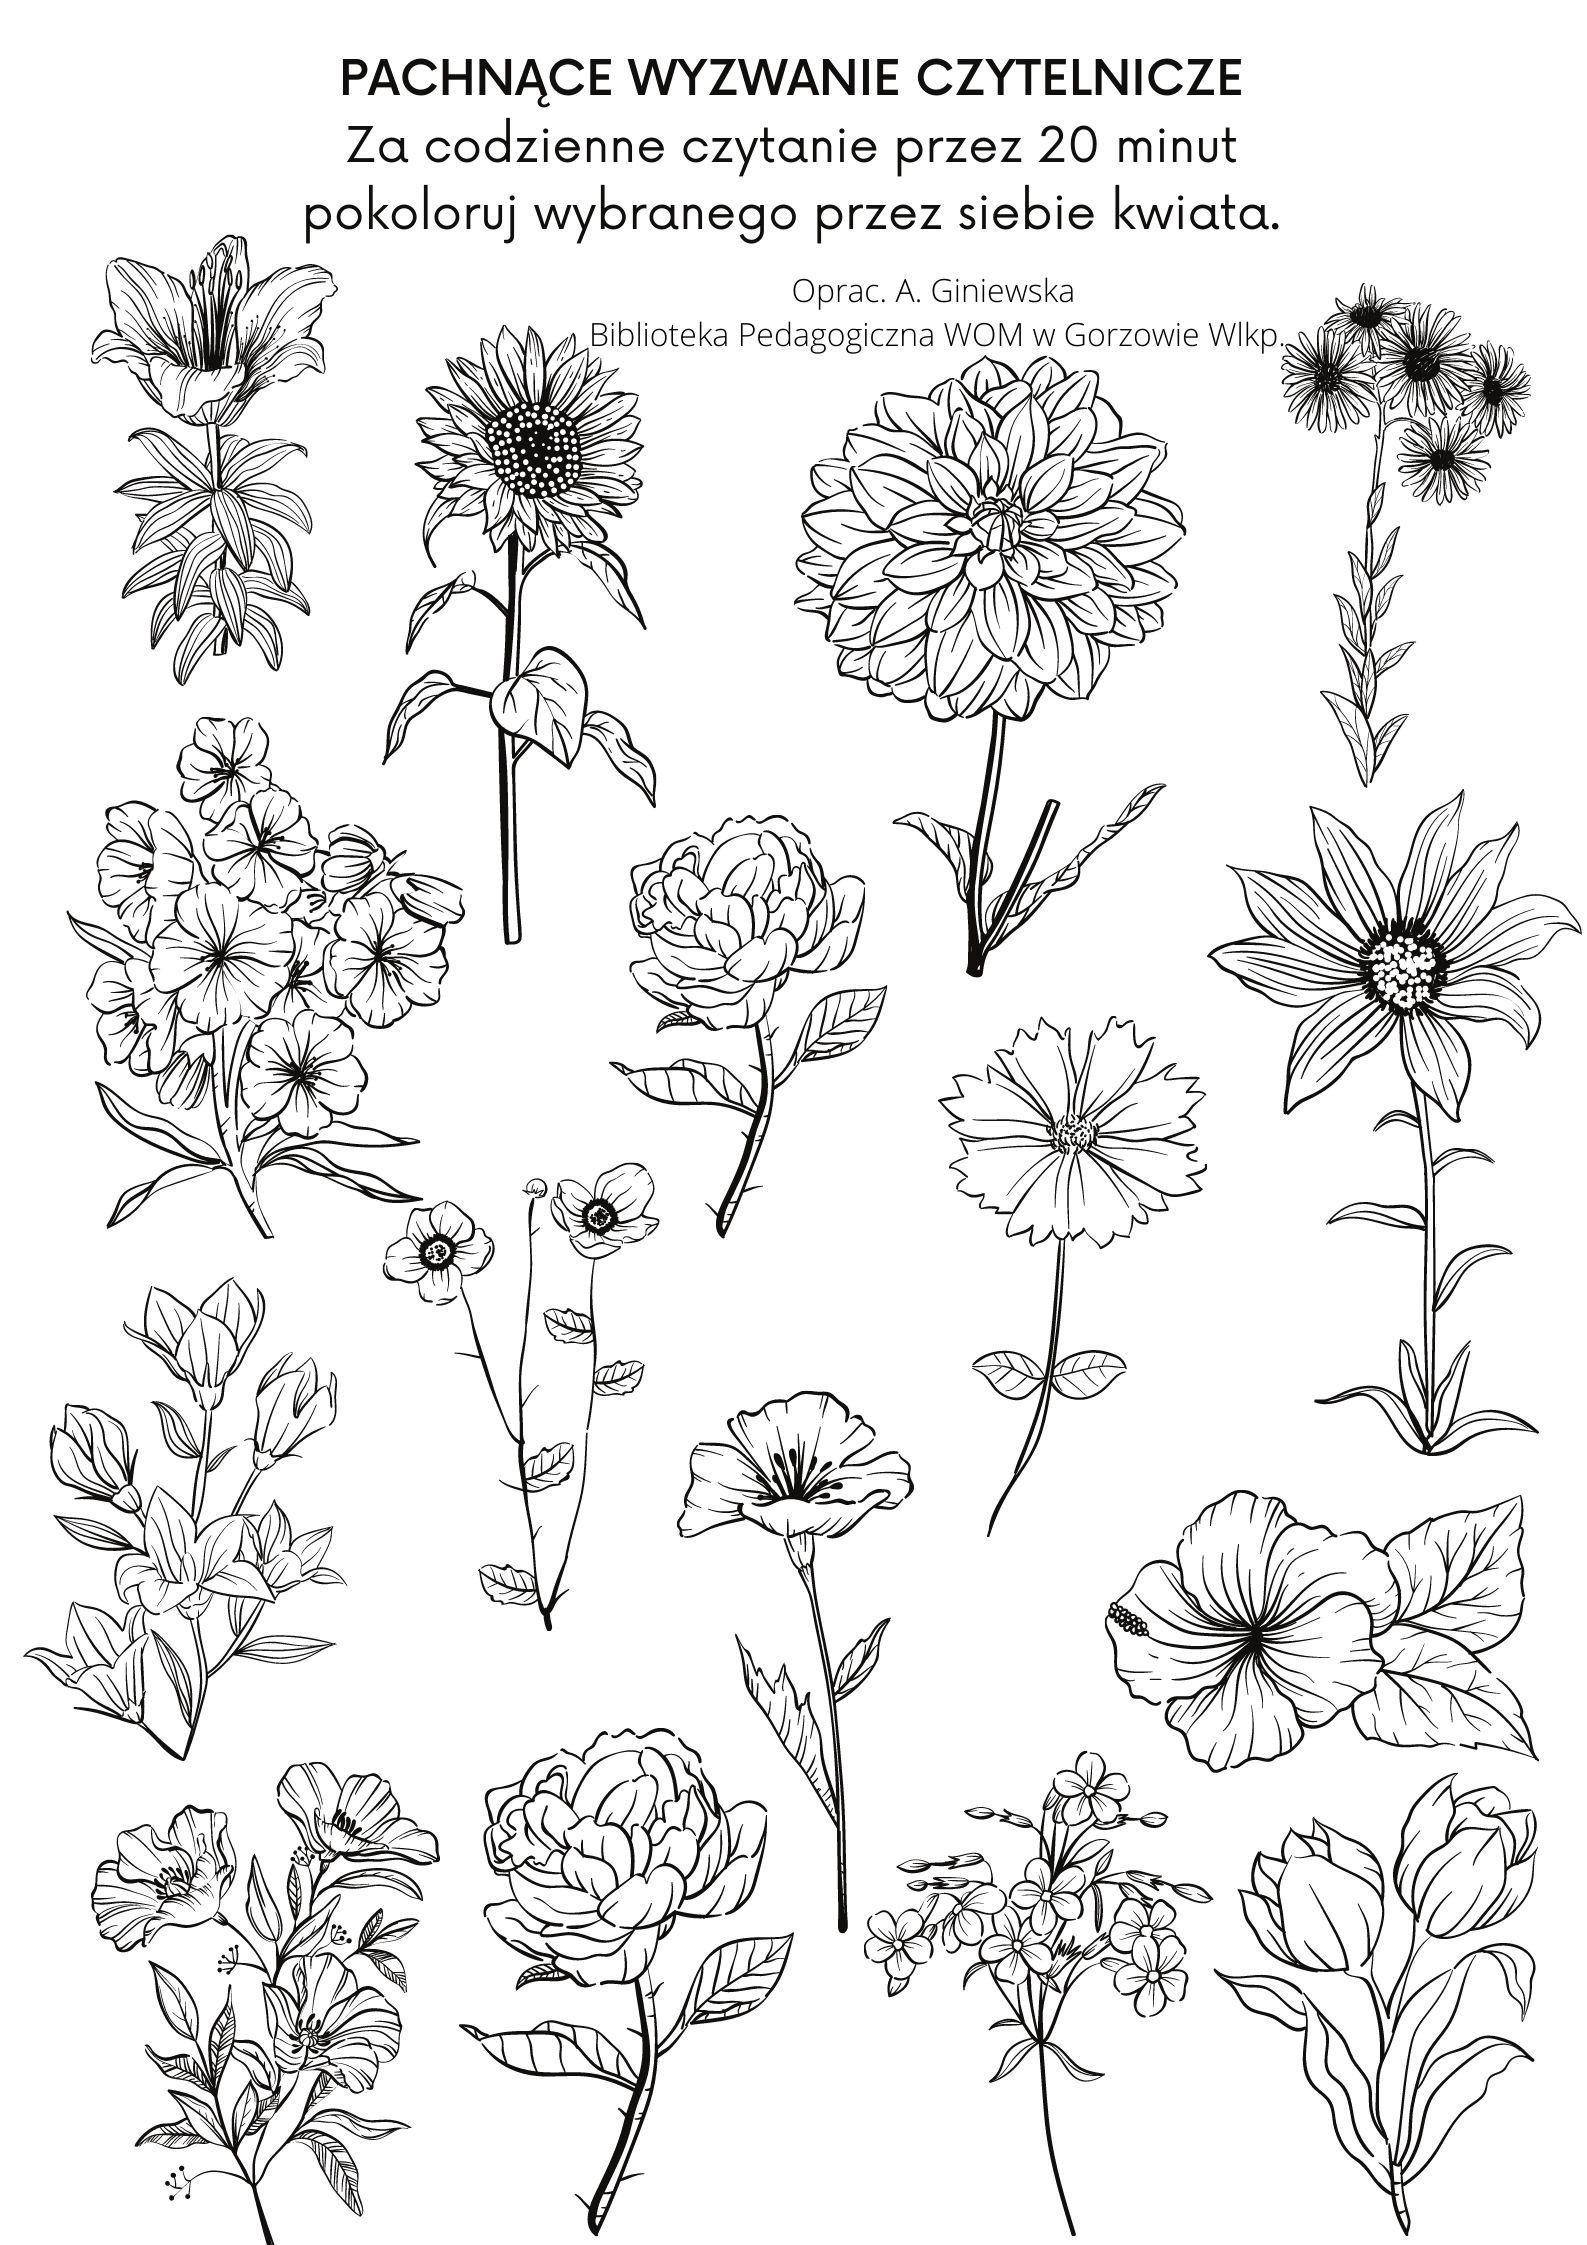 Pachnace Wyzwanie Czytelnicze Kwiaty